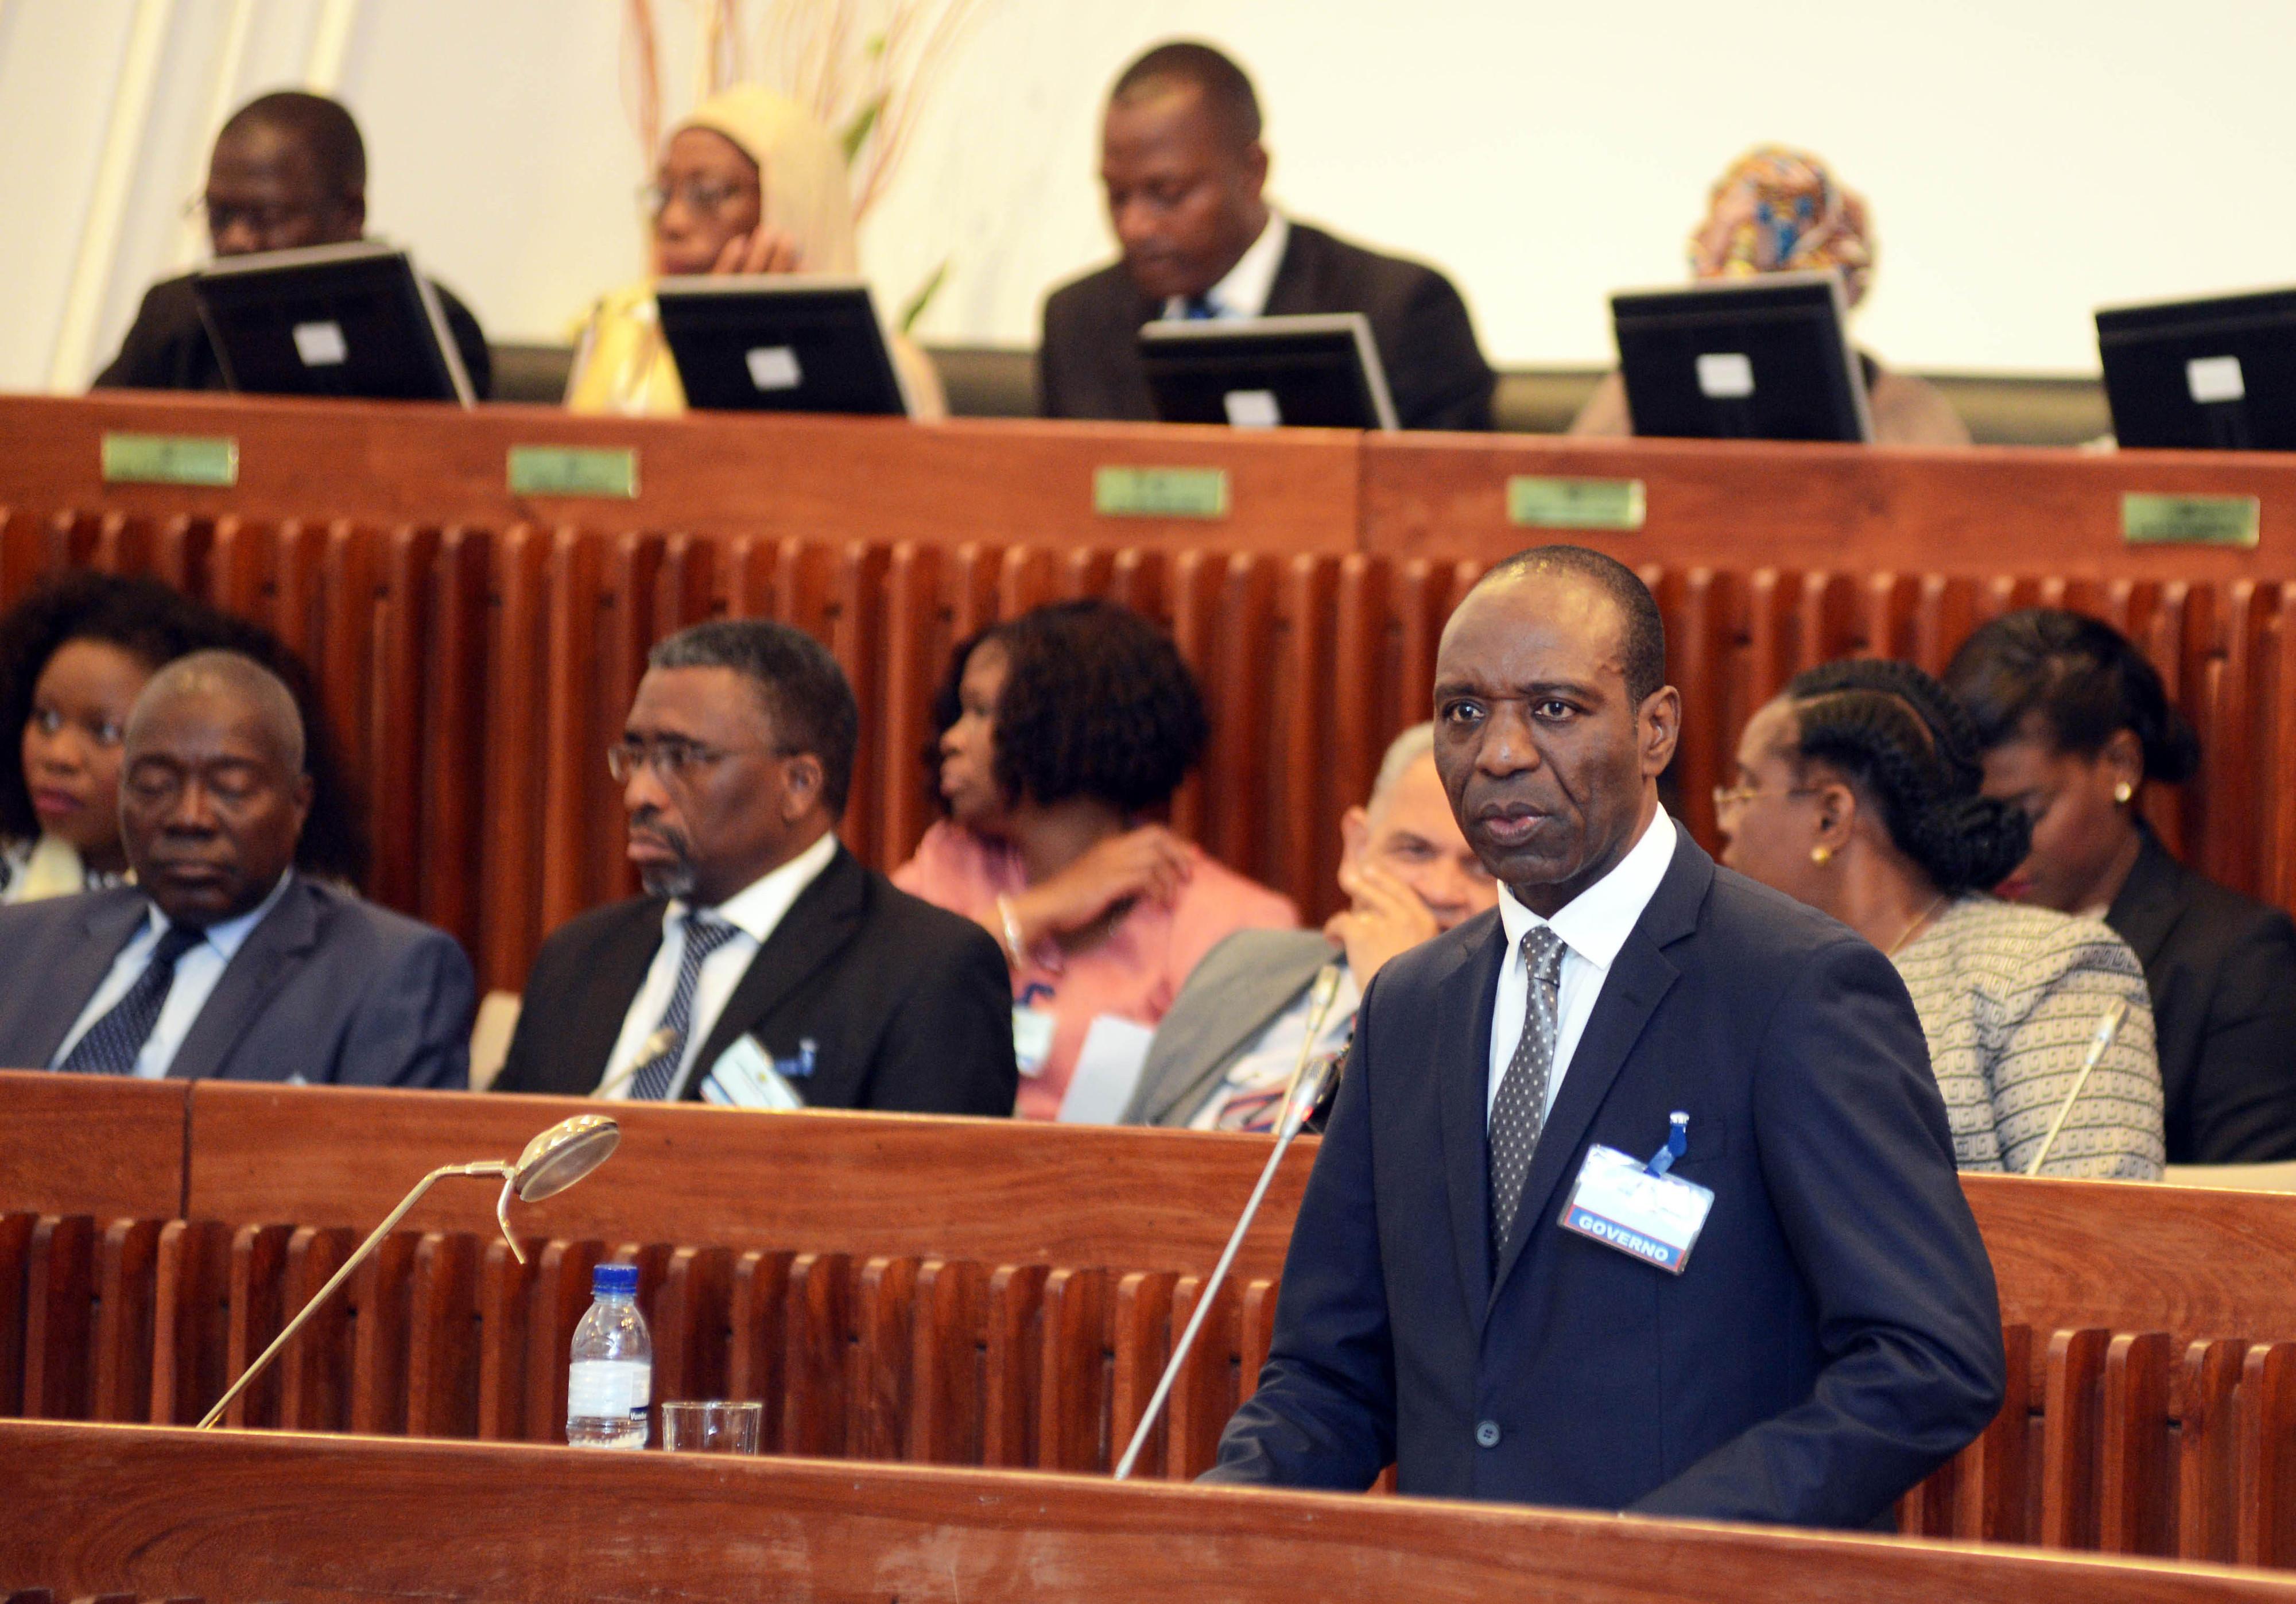 Governo moçambicano anuncia concurso para auditoria independente à dívida pública